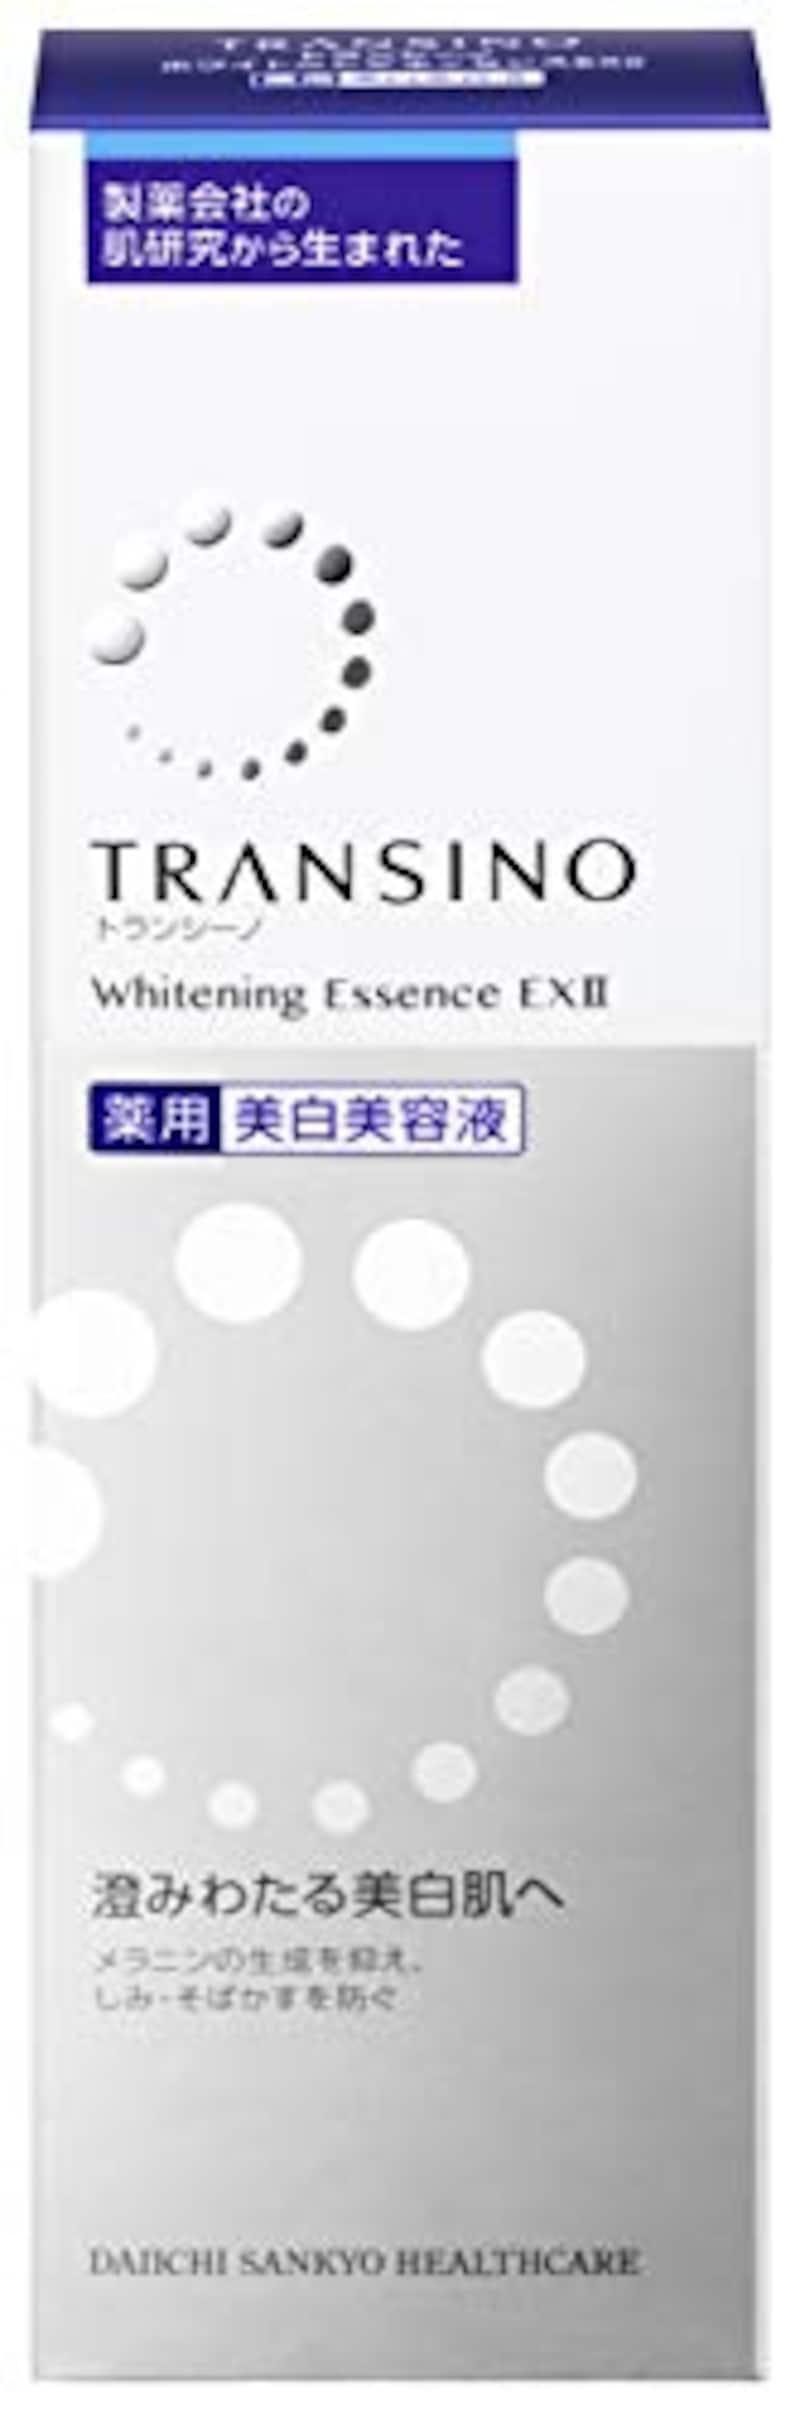 トランシーノ,薬用ホワイトニングエッセンスEX